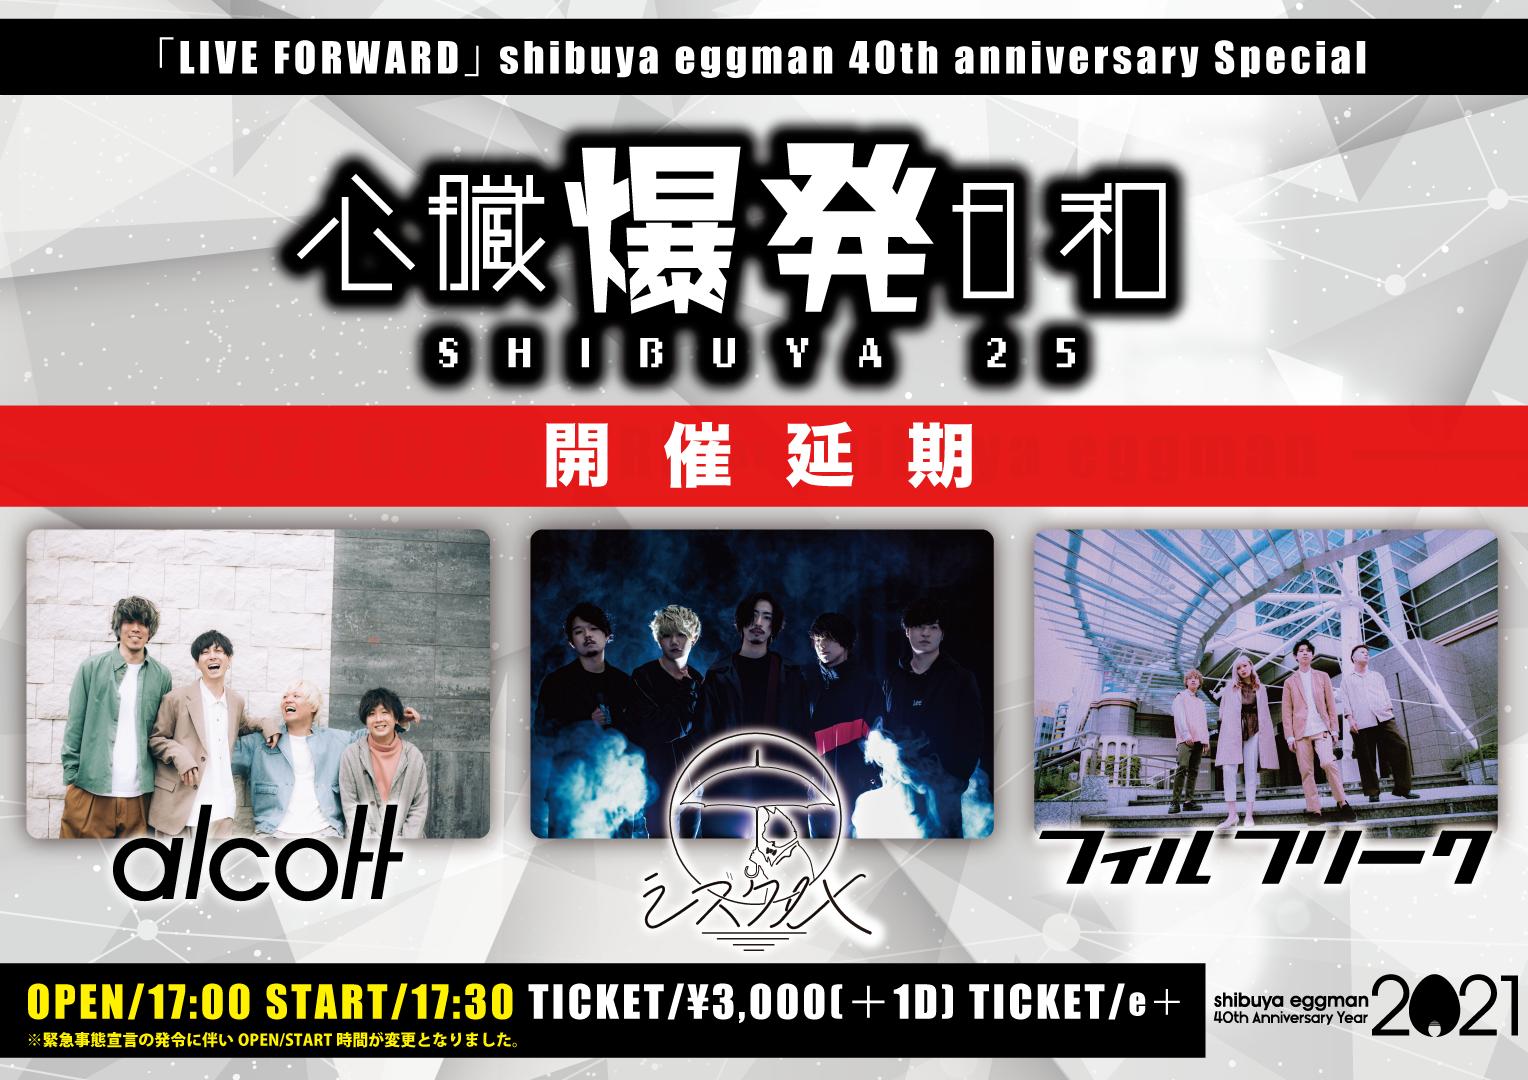 【開催延期】心臓爆発日和-SHIBUYA25- 〜「LIVE FORWARD」 shibuya eggman 40th anniversary Special〜